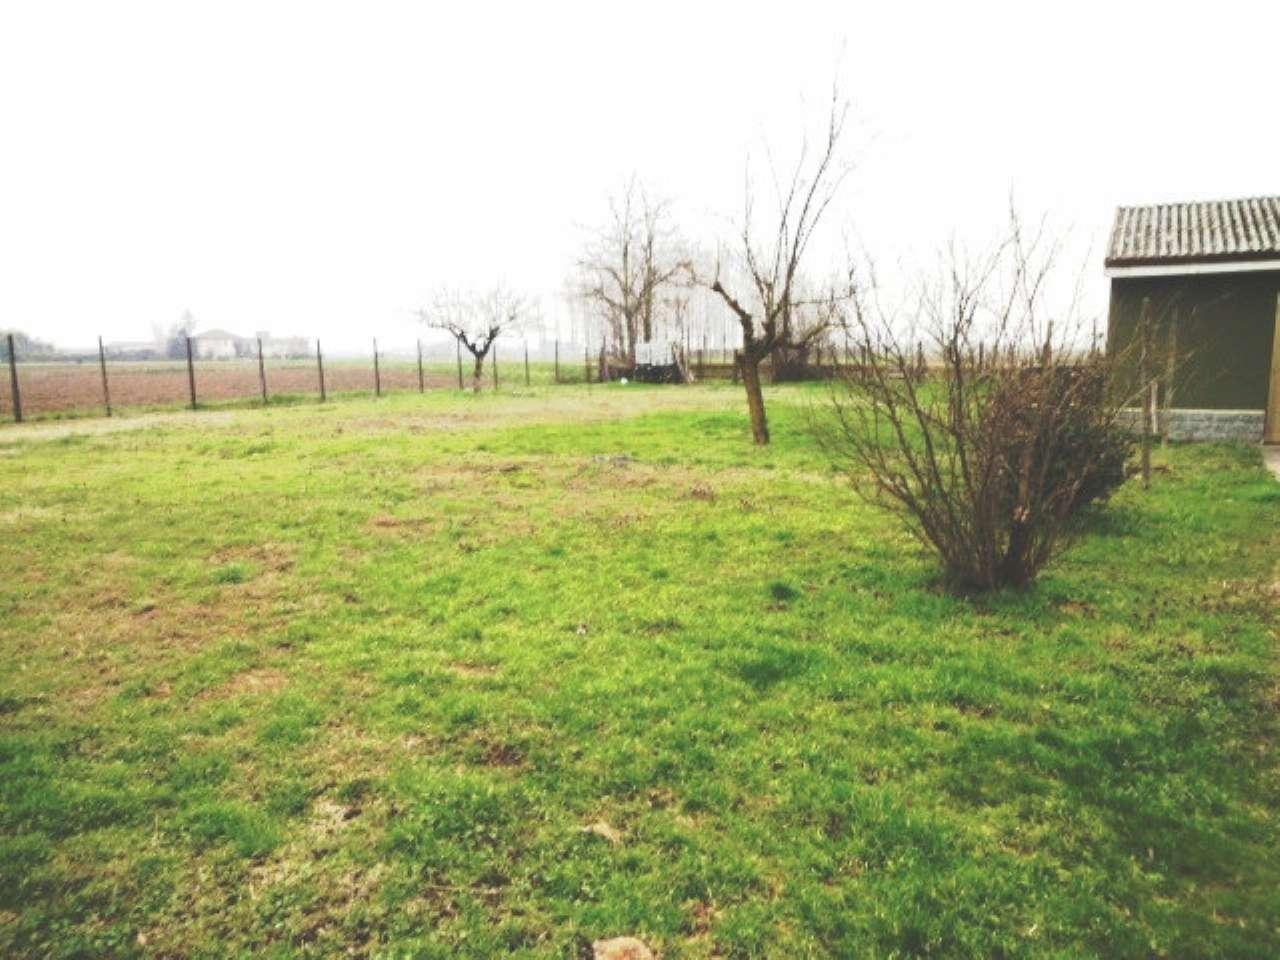 Terreno Edificabile Residenziale in vendita a Bereguardo, 9999 locali, prezzo € 95.000 | CambioCasa.it